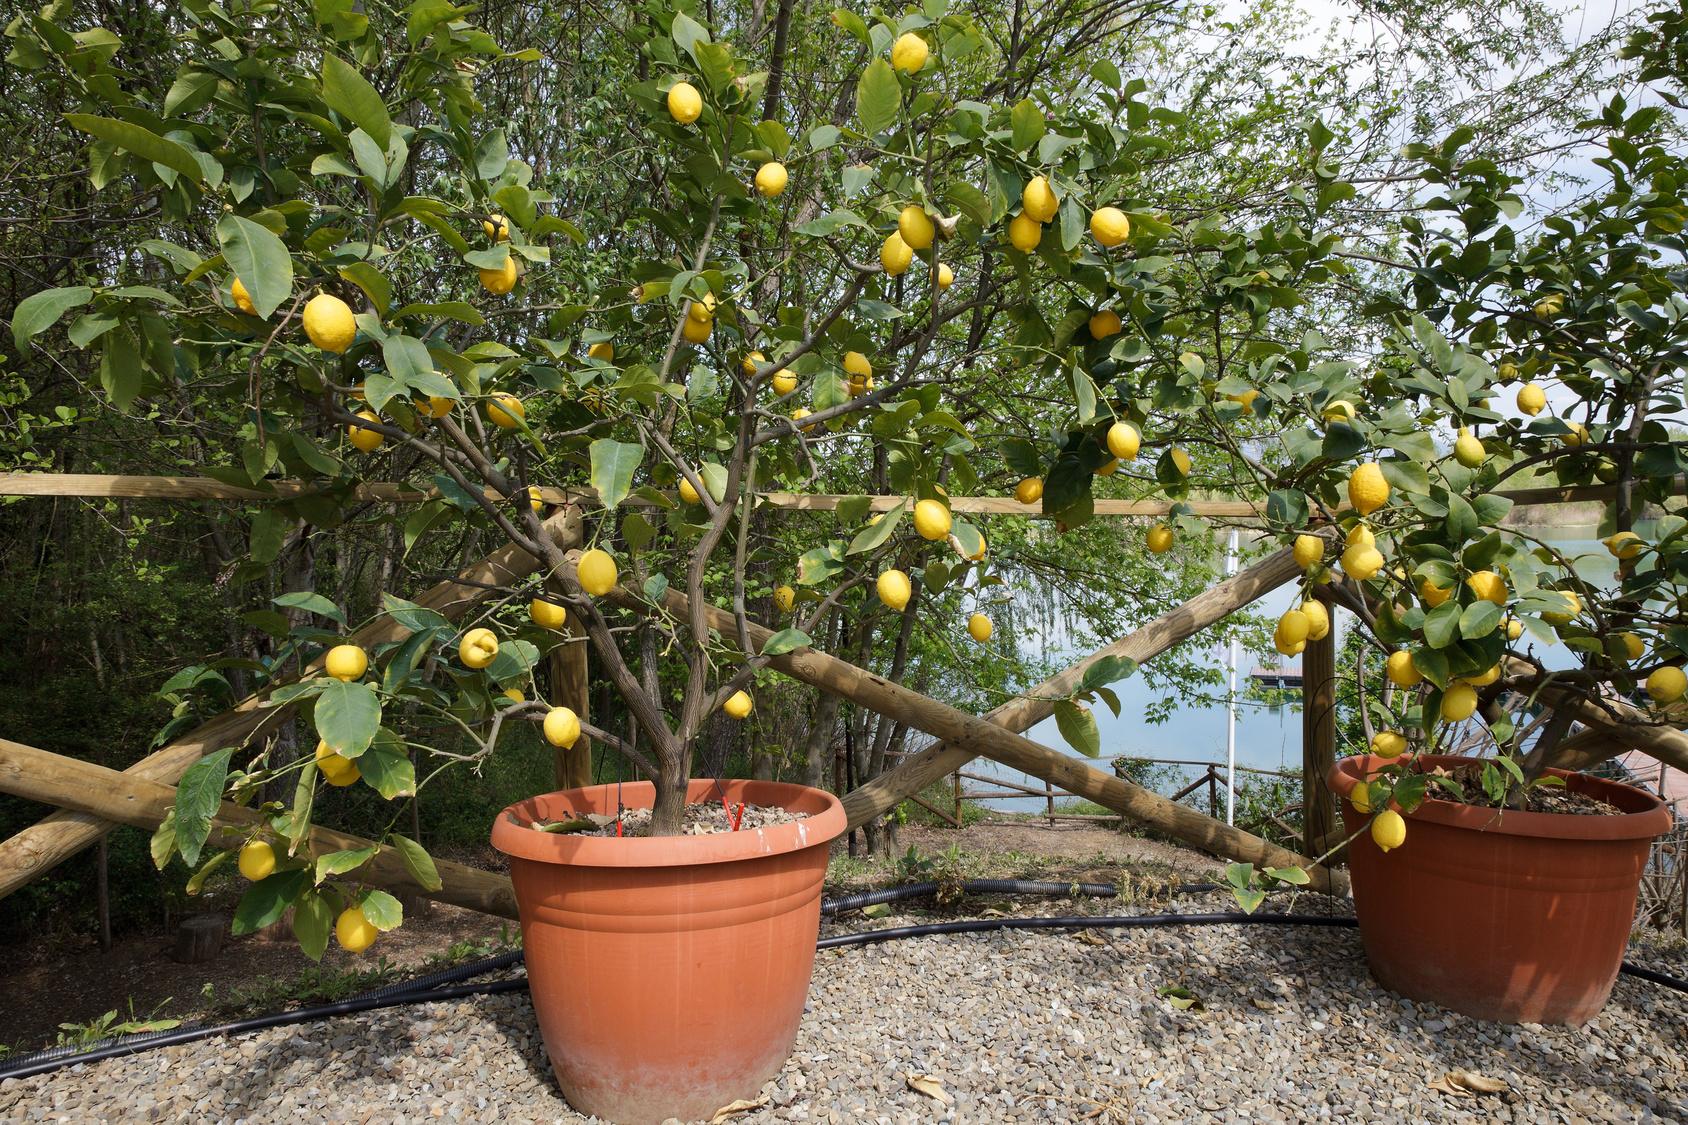 Agrumi in vaso le cure da riservare loro durante l 39 inverno for Limoni in vaso